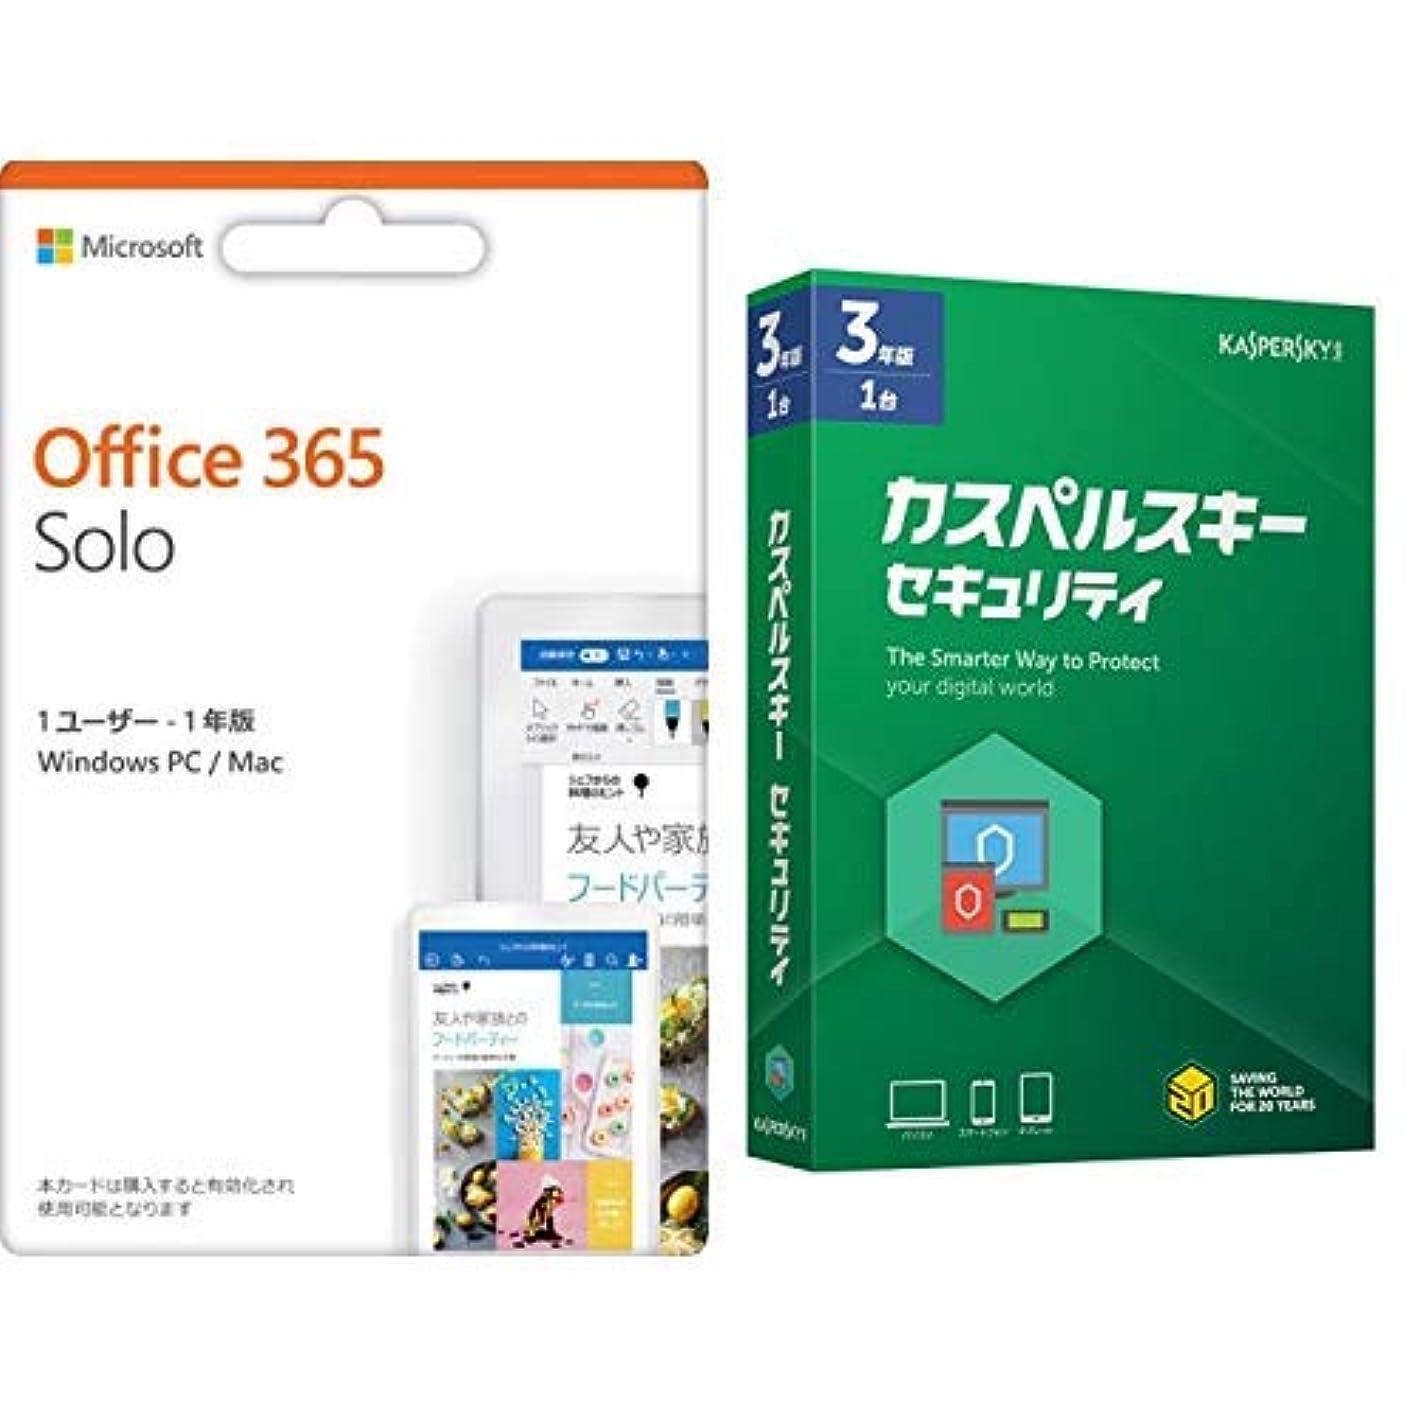 中央版一般的な【セット商品】Microsoft Office 365 Solo + カスペルスキー セキュリティ (最新版) | 3年 1台版